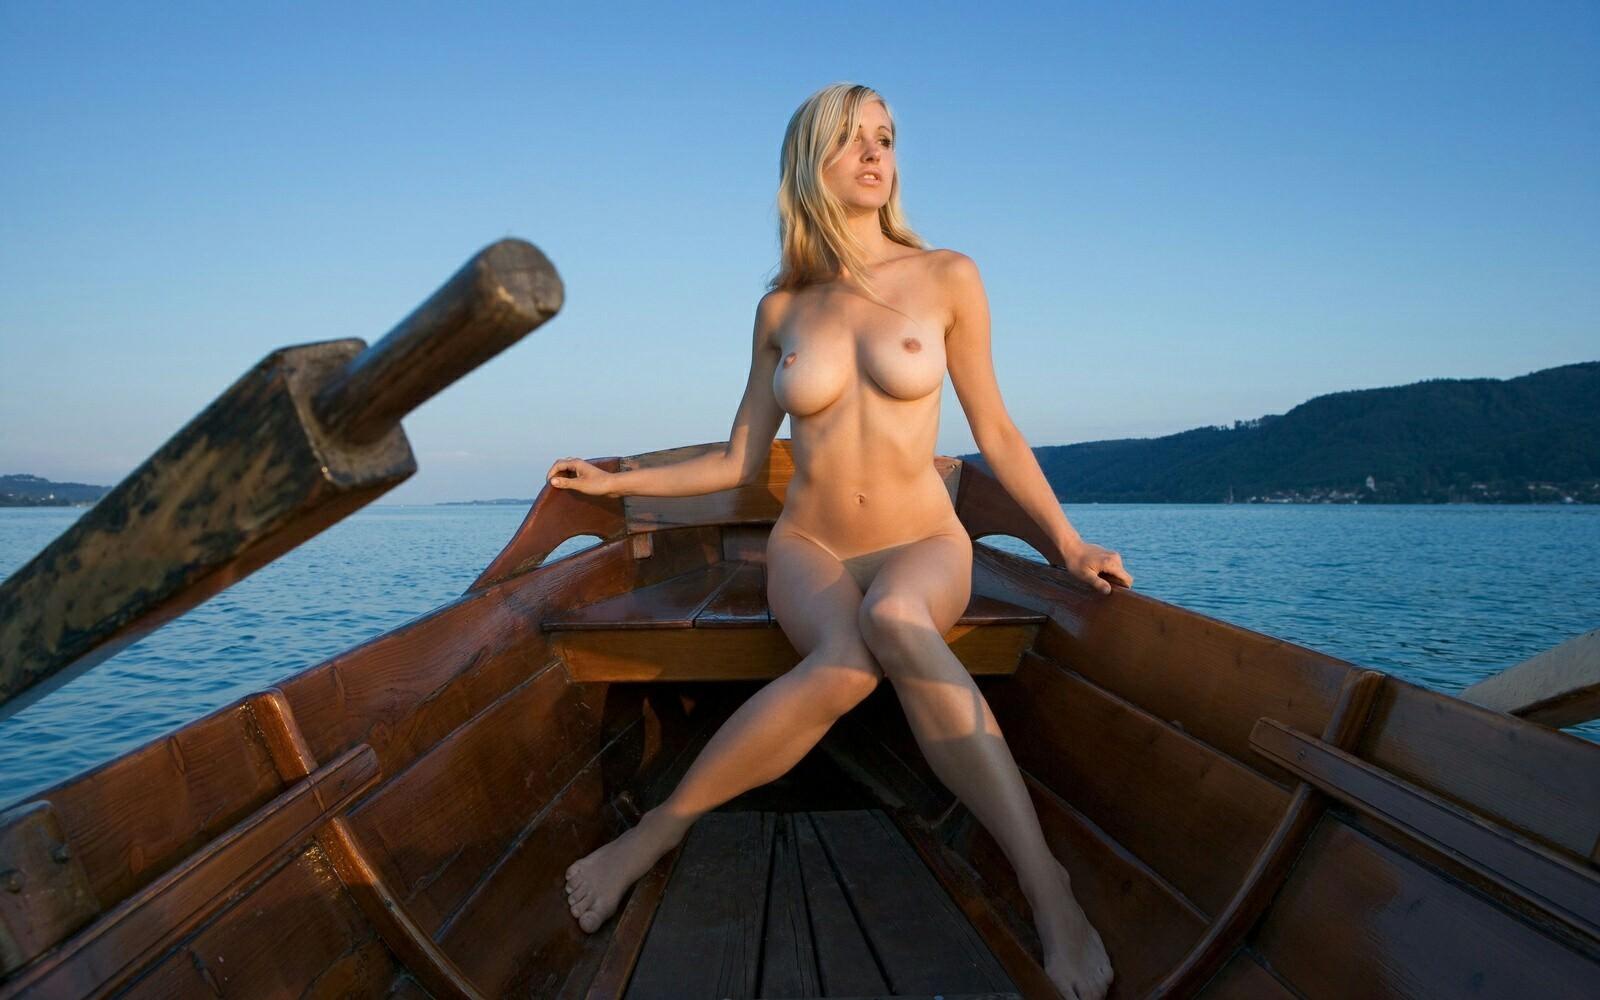 фотки голых девушек на корабле своим спанием